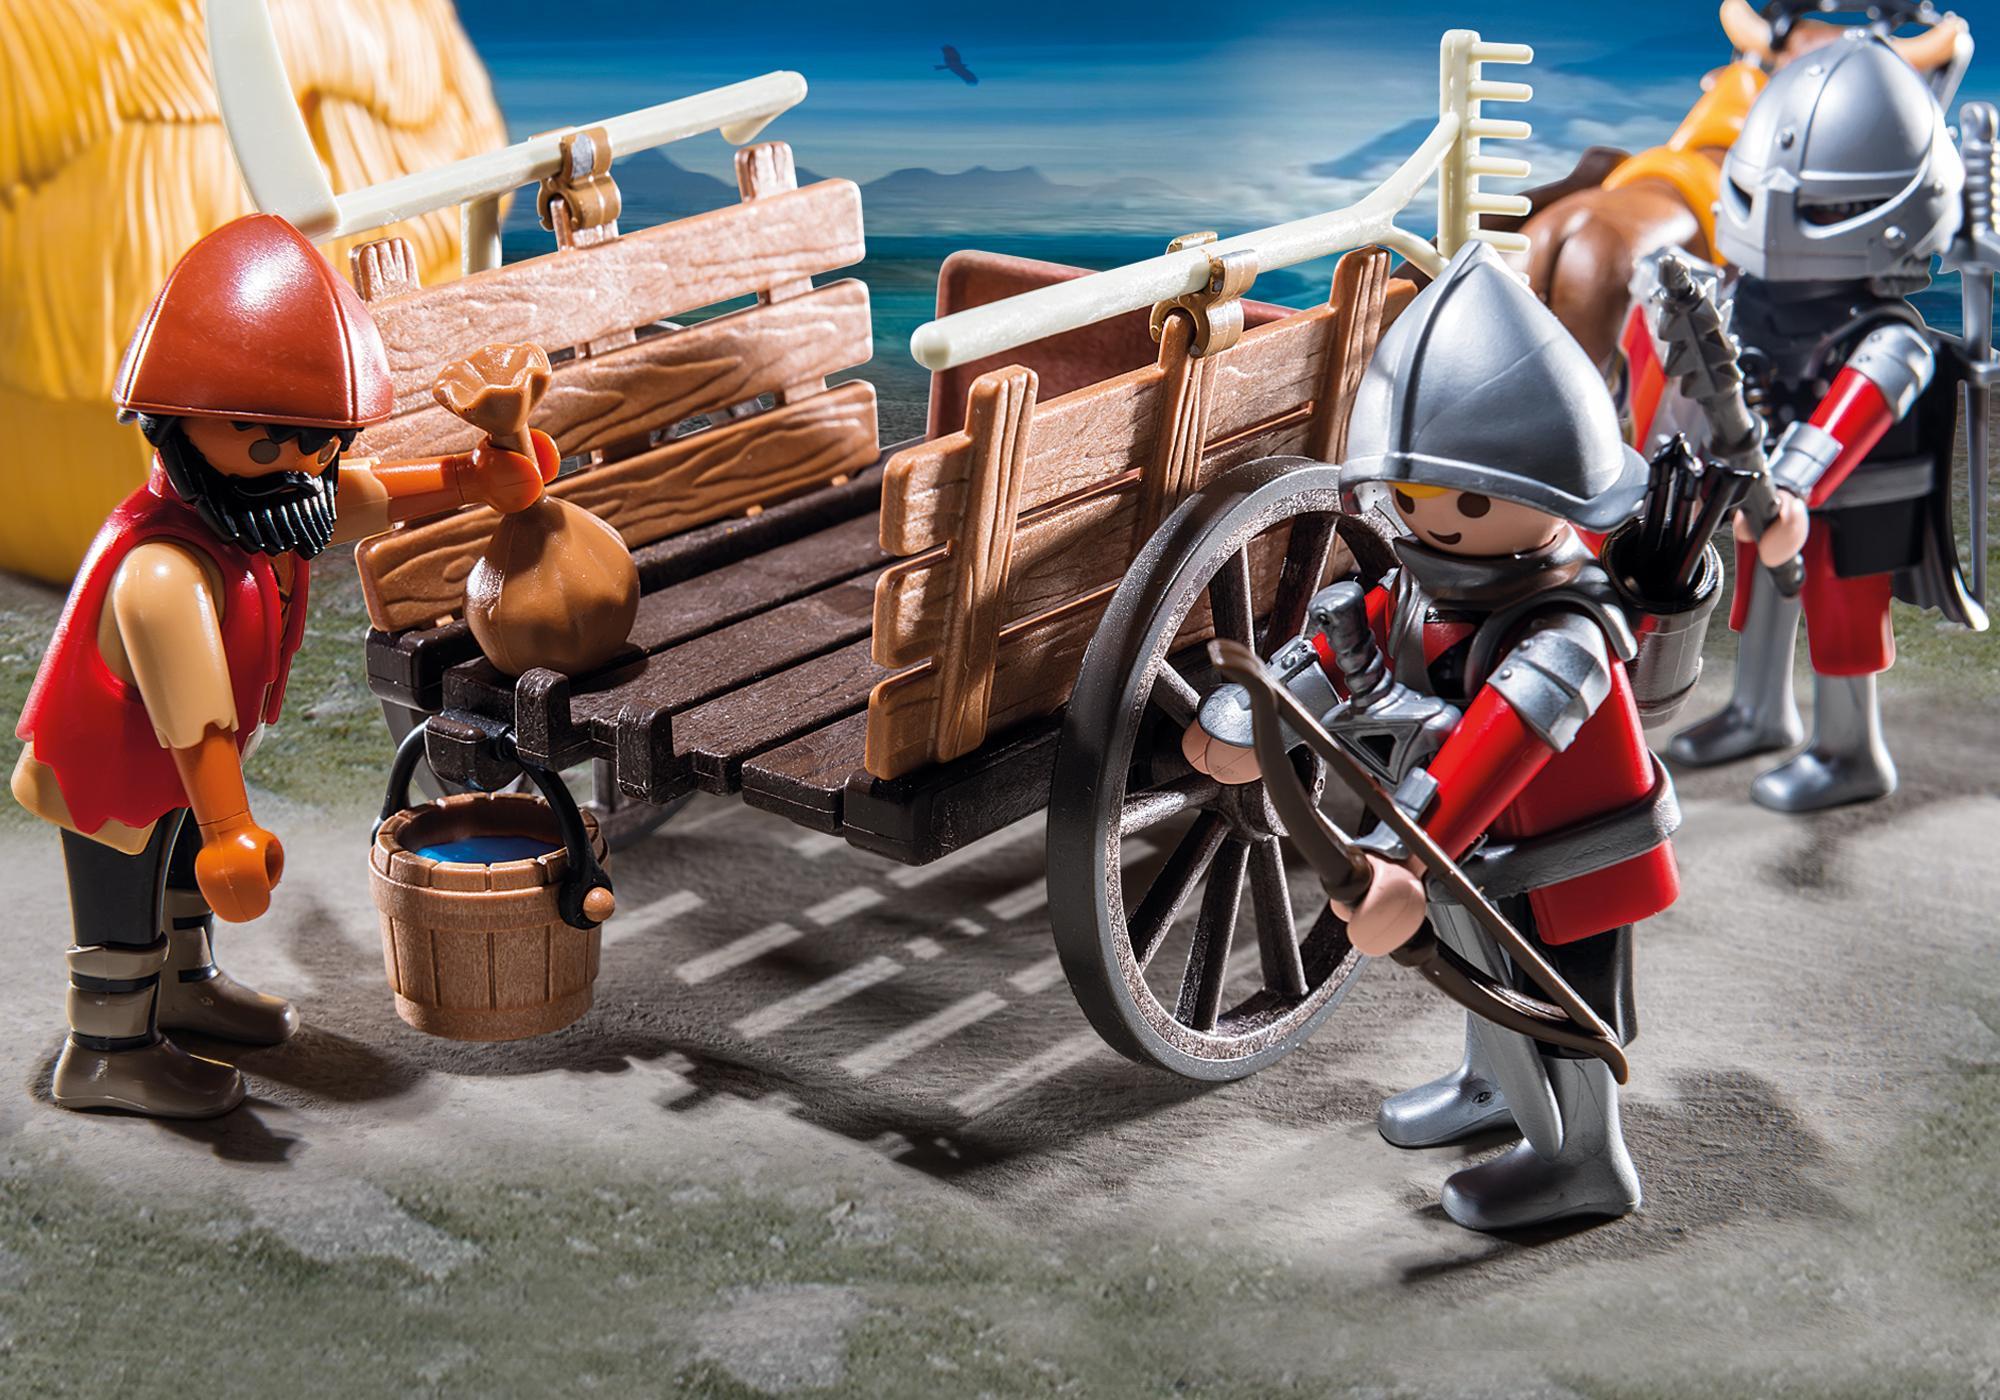 http://media.playmobil.com/i/playmobil/6005_product_extra2/Рыцари: Рыцари Сокола с камуфляжной повозкой